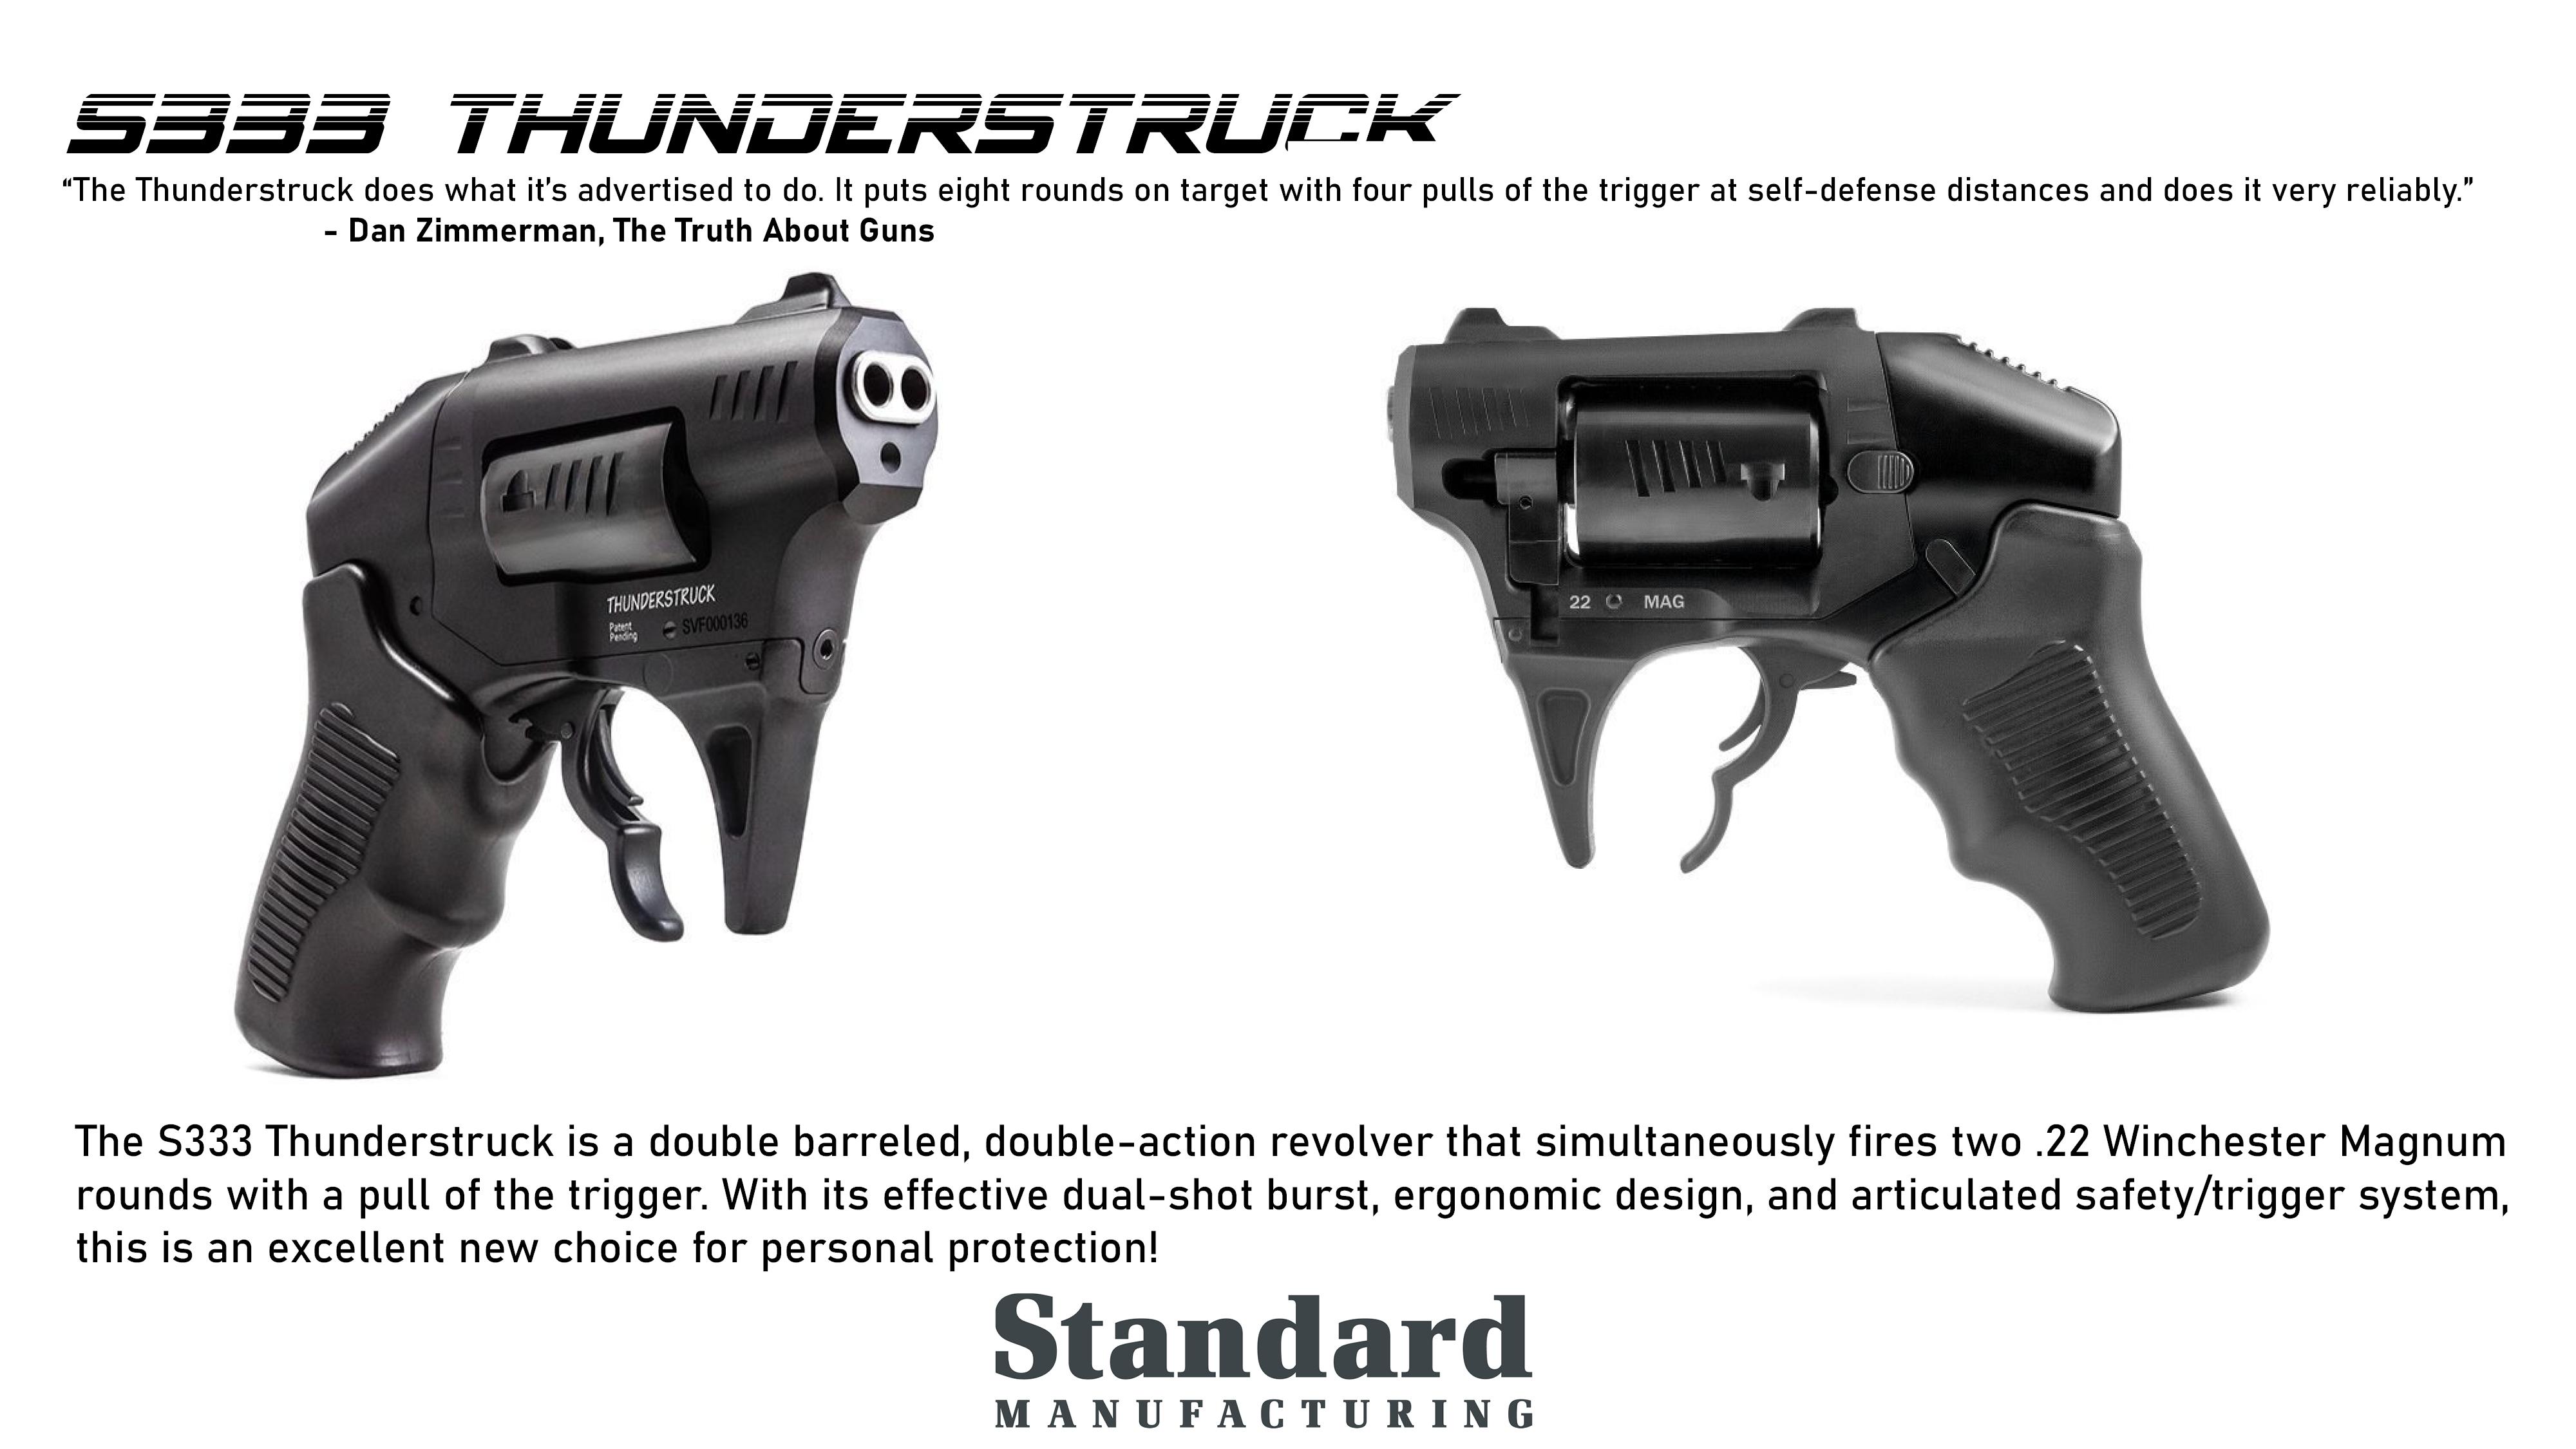 s333-thunderstruck-series.jpg